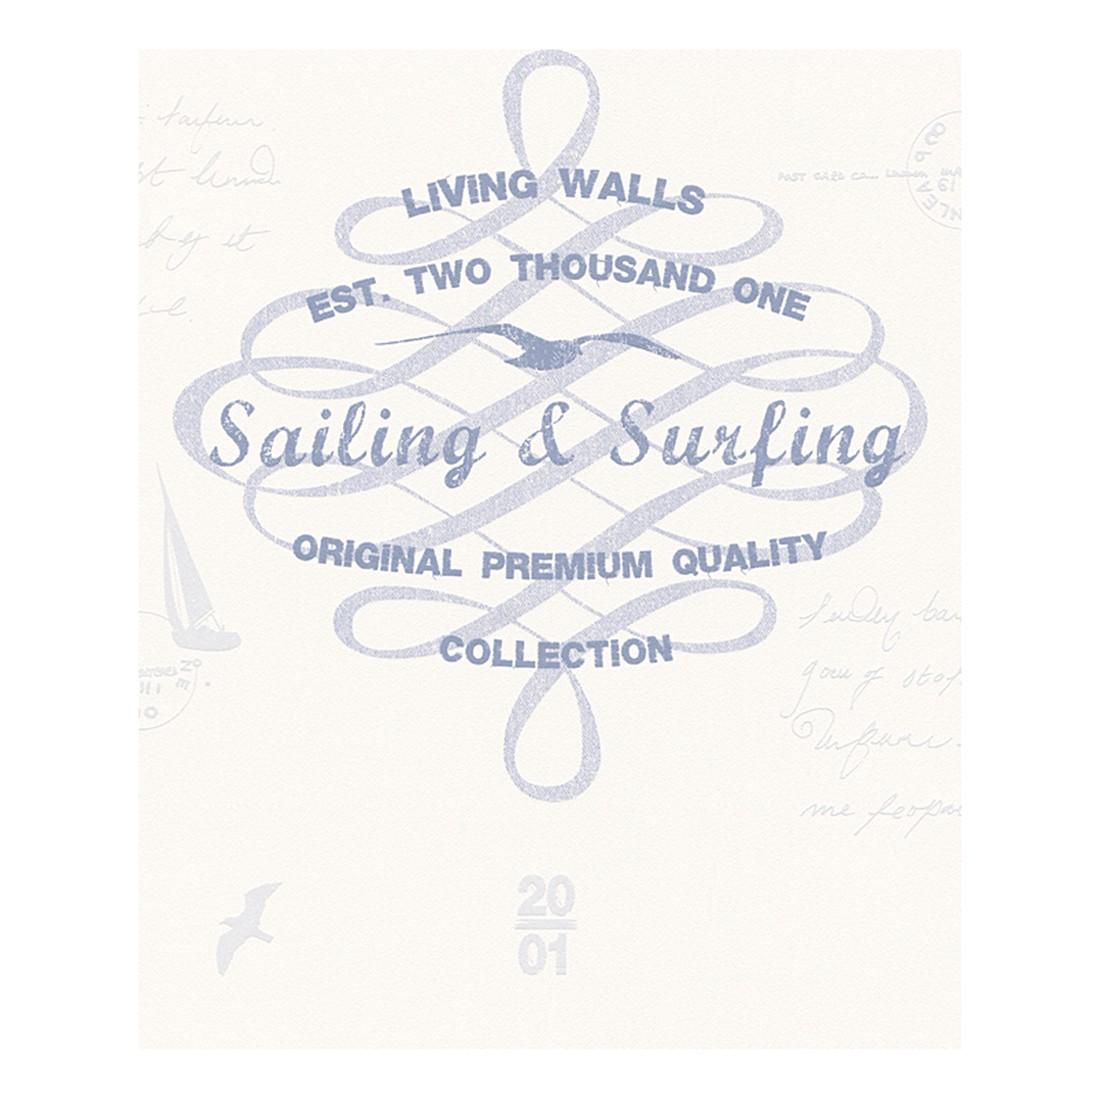 Vliestapete Surfing and Sailing – blau, weiß – fein strukturiert, strukturiert, Livingwalls kaufen